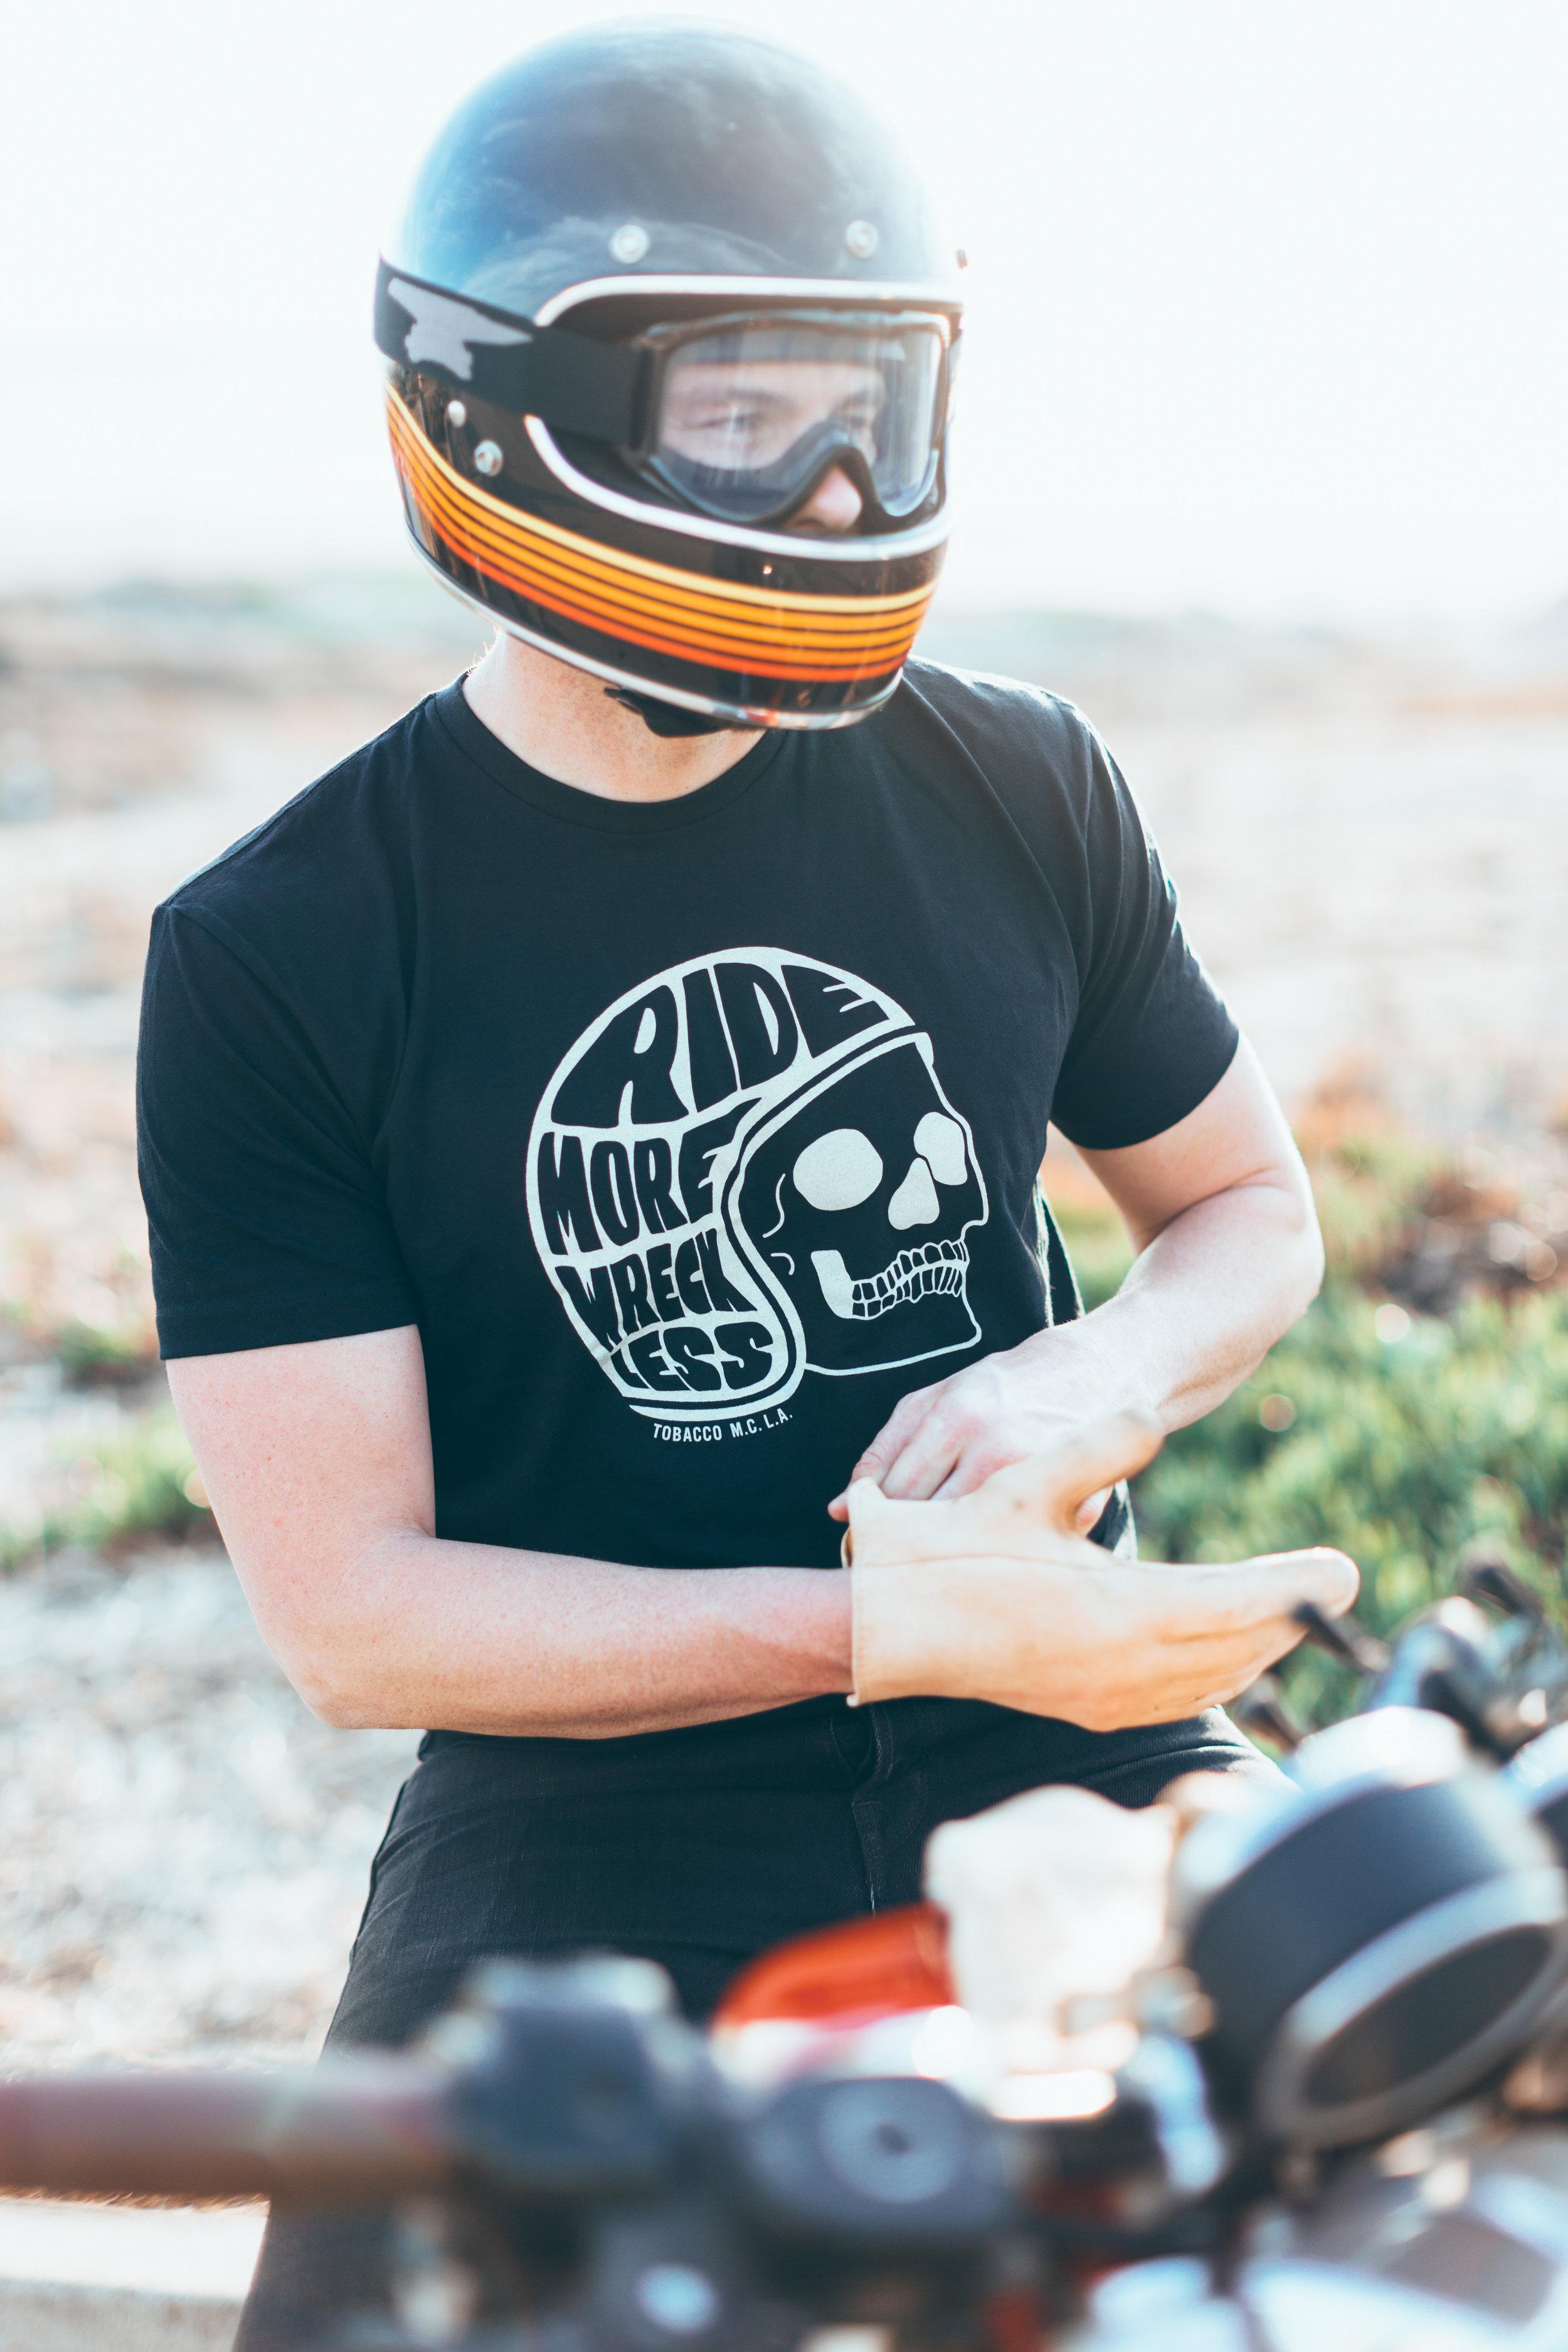 tobacco-motorwear-motorcycle-9.jpg